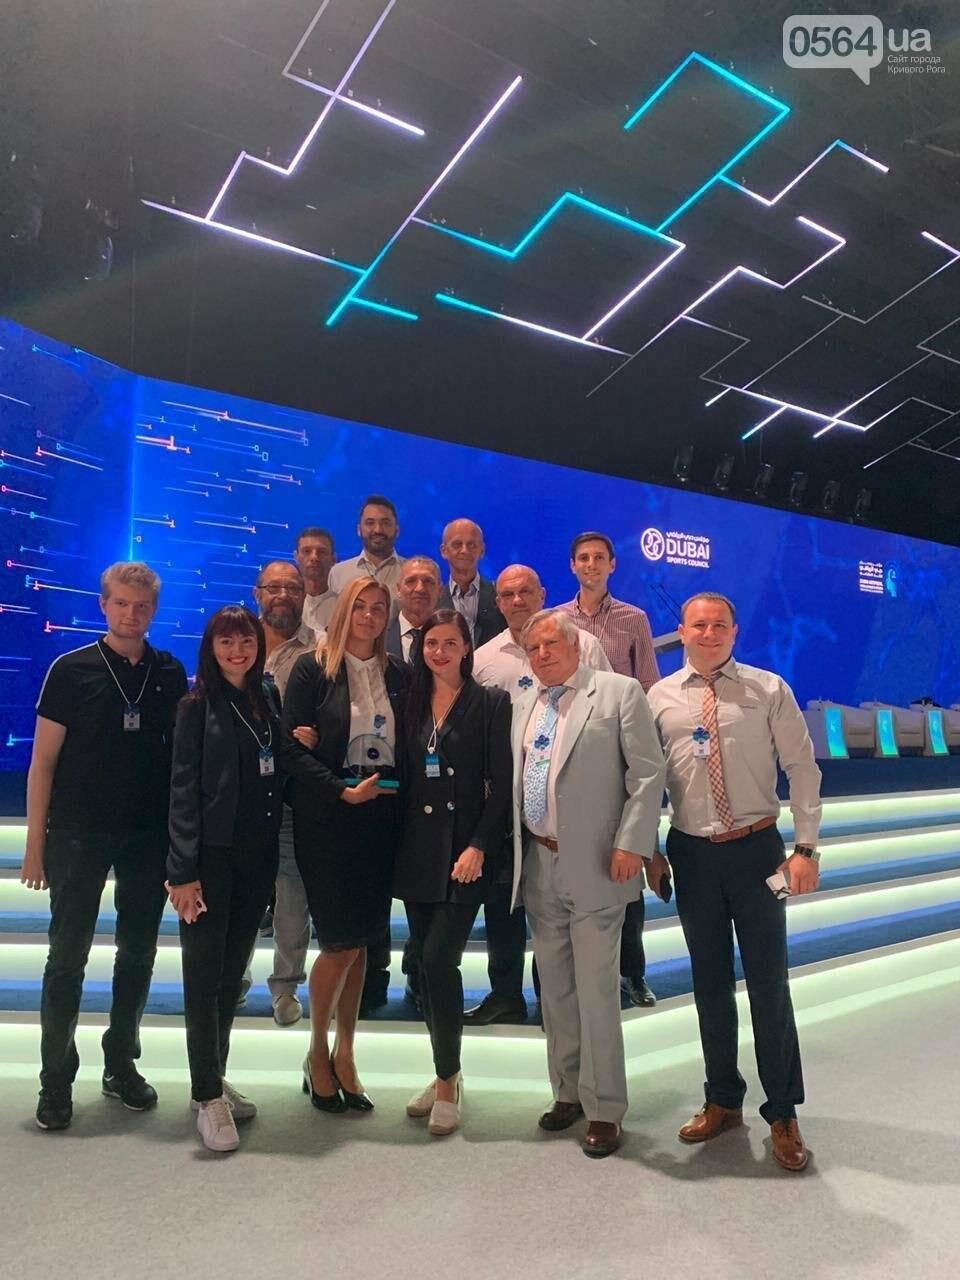 Впервые криворожанин выступил в Дубае с докладом на Конференции по использованию ИИ в спорте, - ФОТО, фото-6